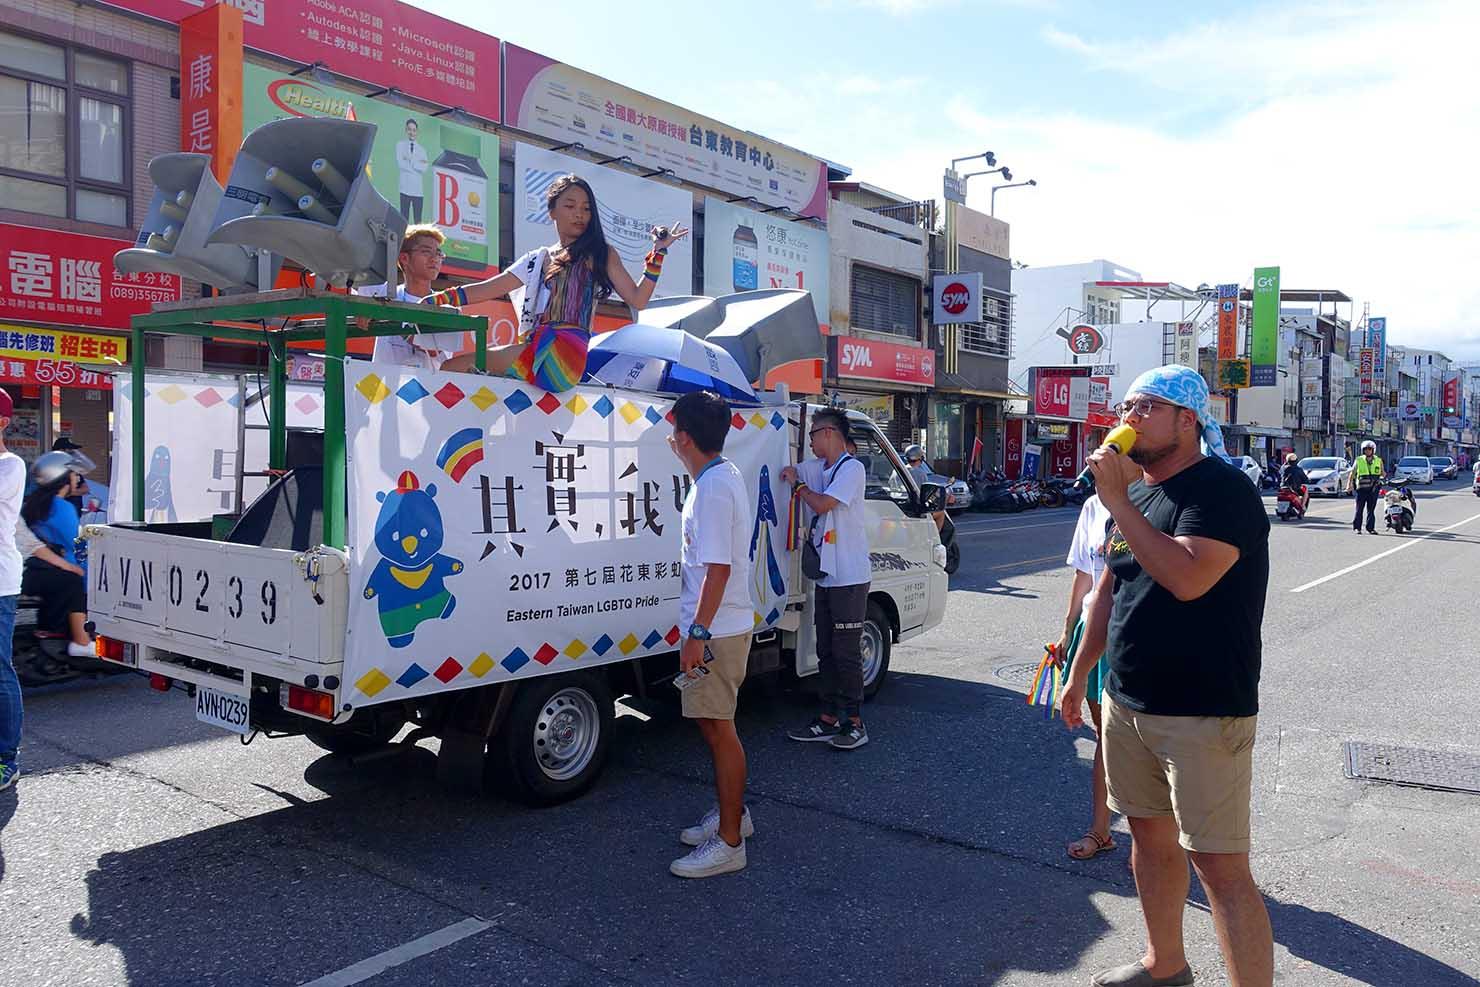 台湾東部のLGBTプライド「花東彩虹嘉年華」のパレードカー横で演説をする参加者